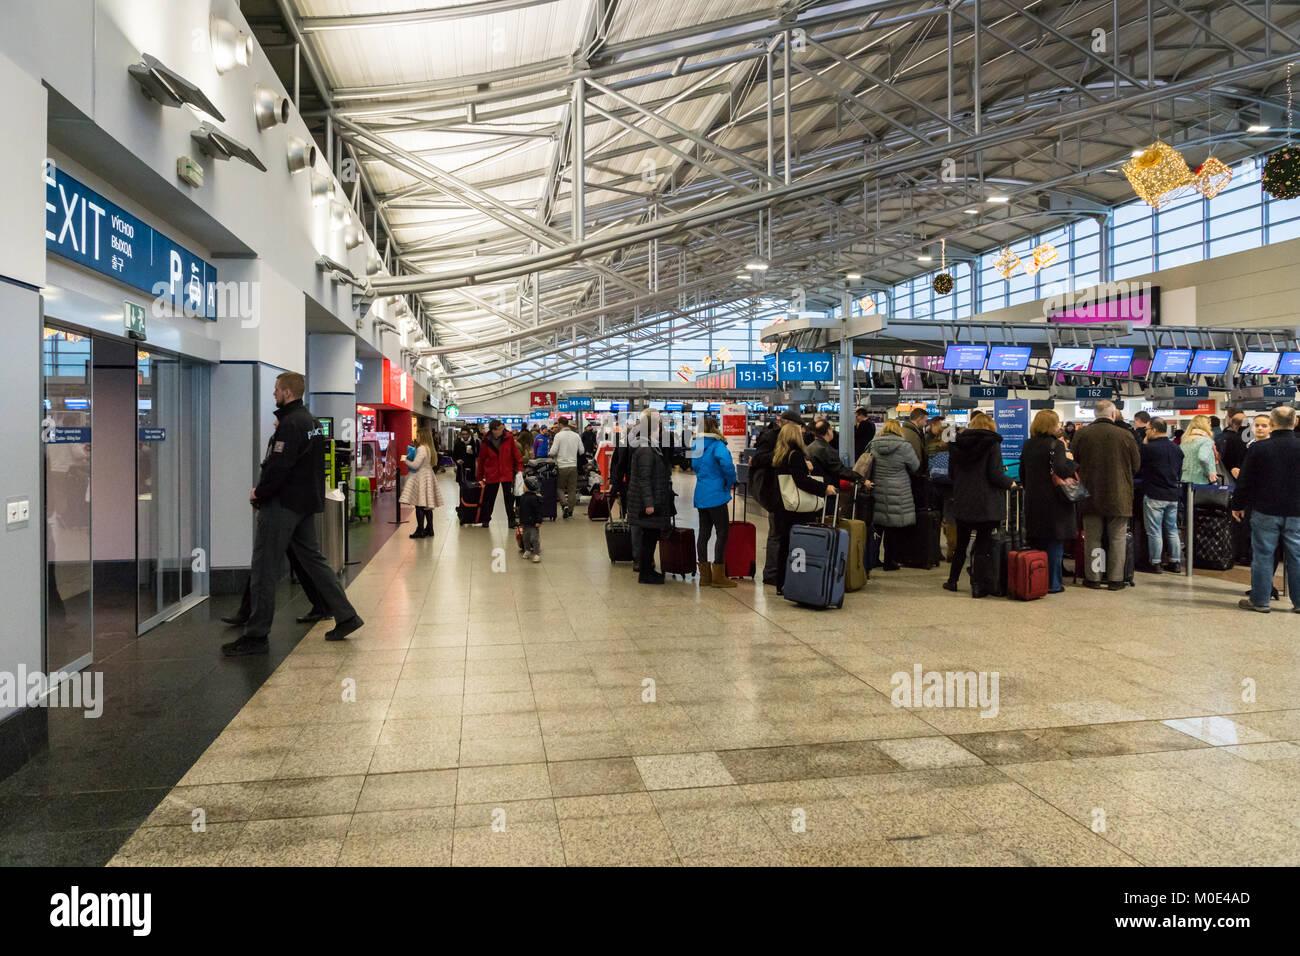 Prag, Tschechische Republik - Dezember 2017: Ankunft von Vaclav Havel Airport Terminal, früher bekannt als Stockbild